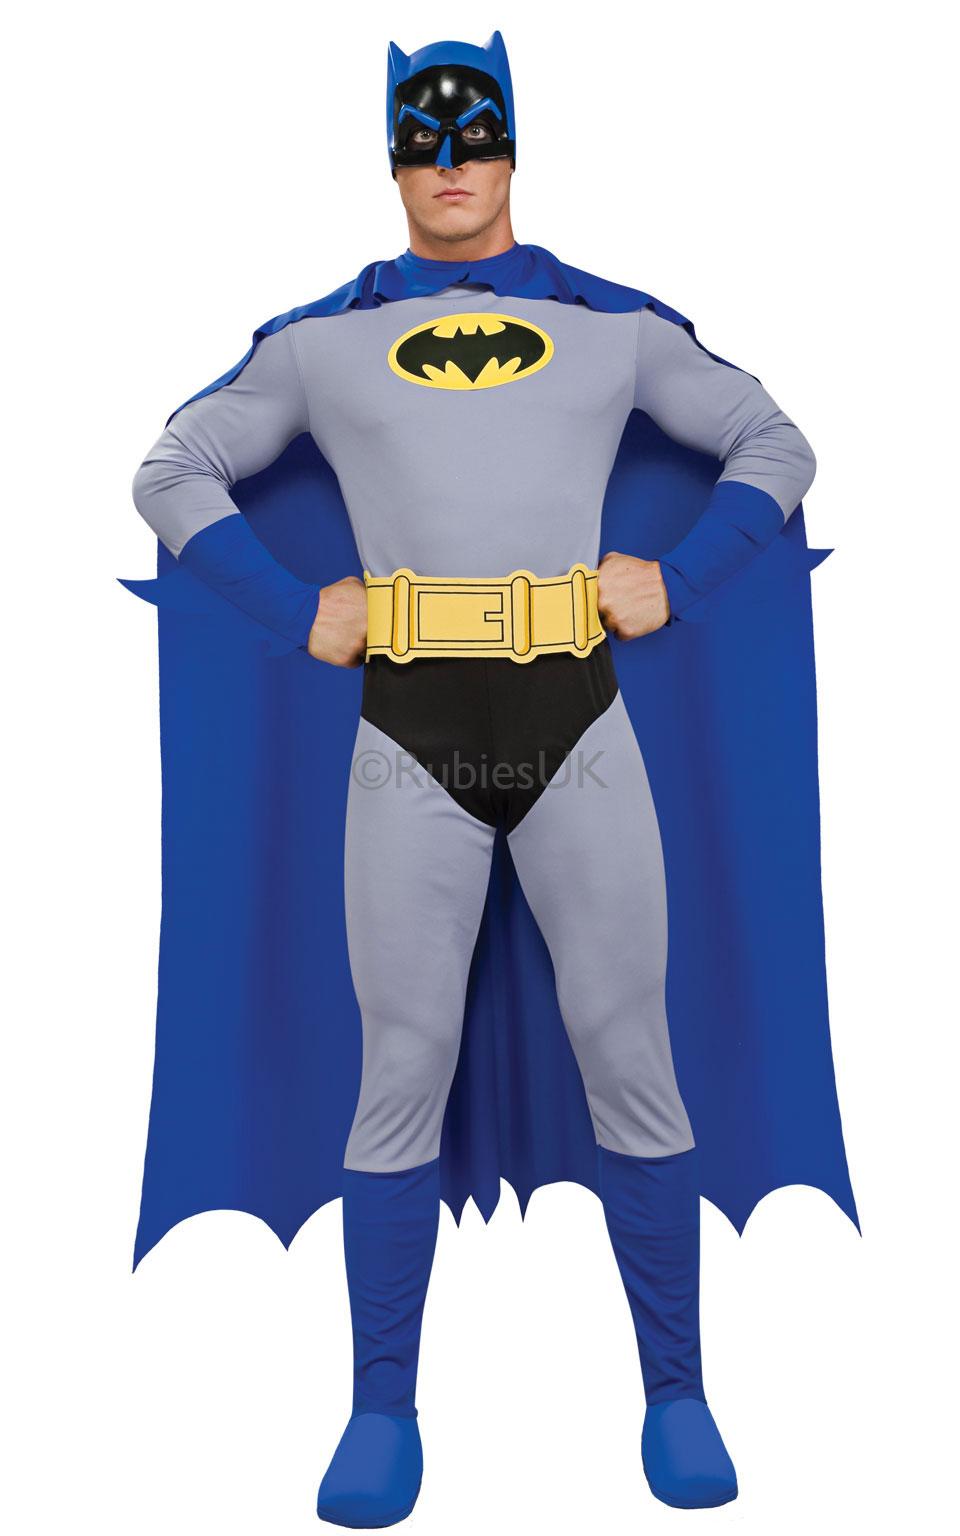 Rubies Kostým Batman - modrý Veľkosť - dospelý  L af5f1d49e3b